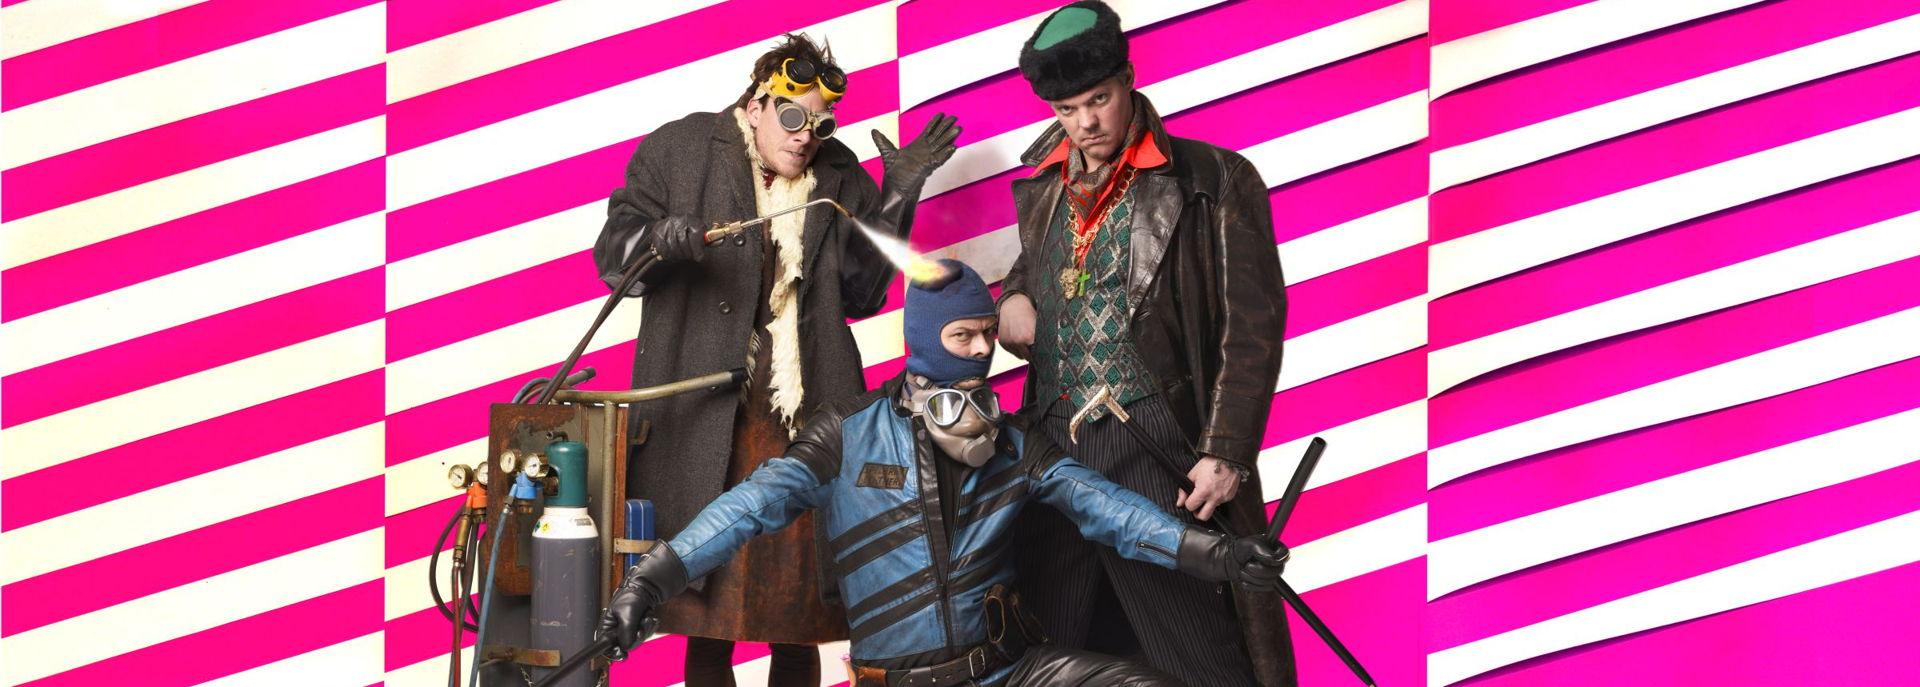 Meneer Monster is een theatergezelschap met creatieve kindervoorstellingen.